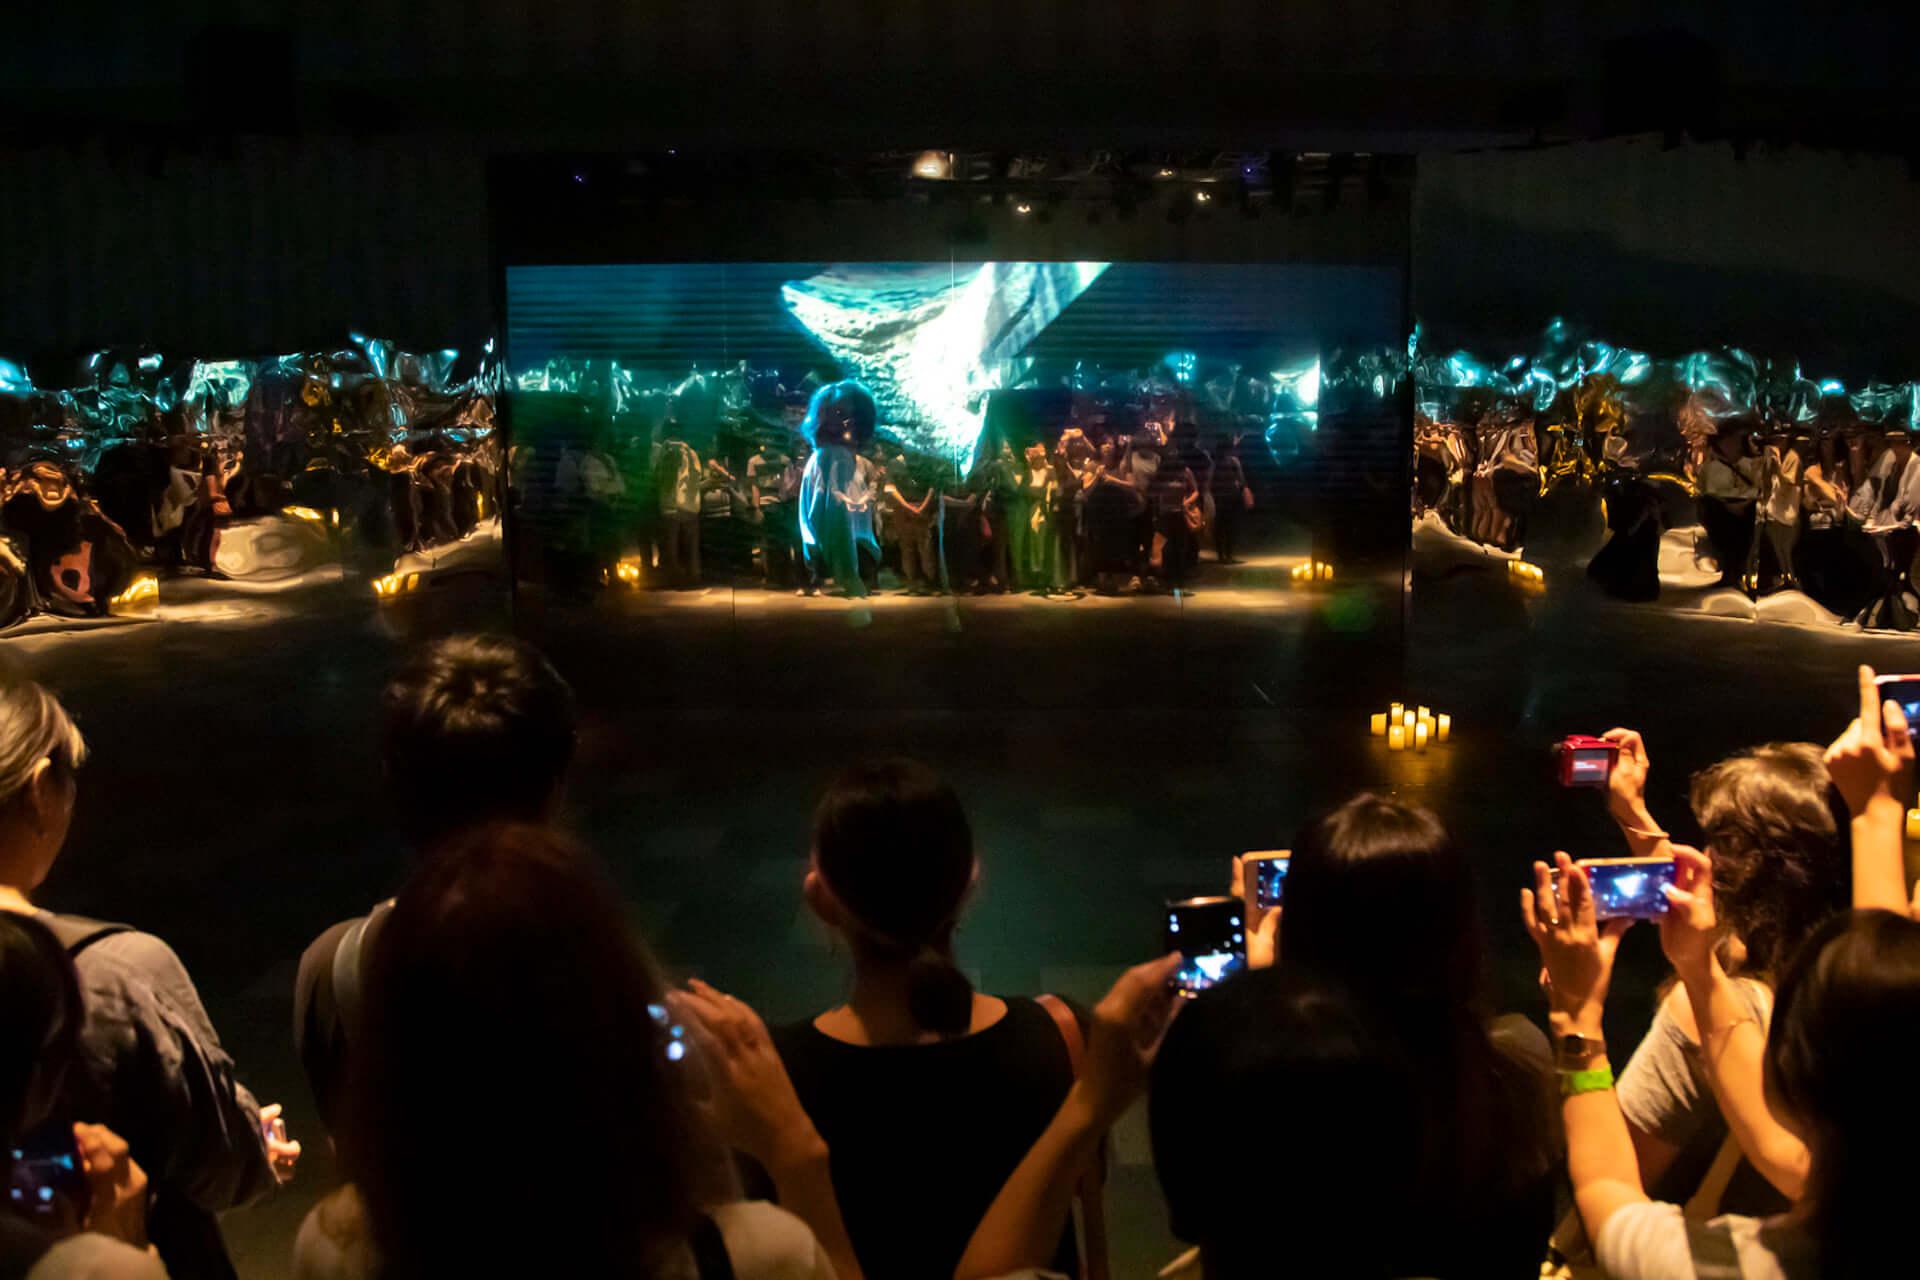 米津玄師「馬と鹿」MV、ついに解禁|<鏡の上映会>で観客とひとつに music190903_yonezukenshi_mv_main-1920x1280